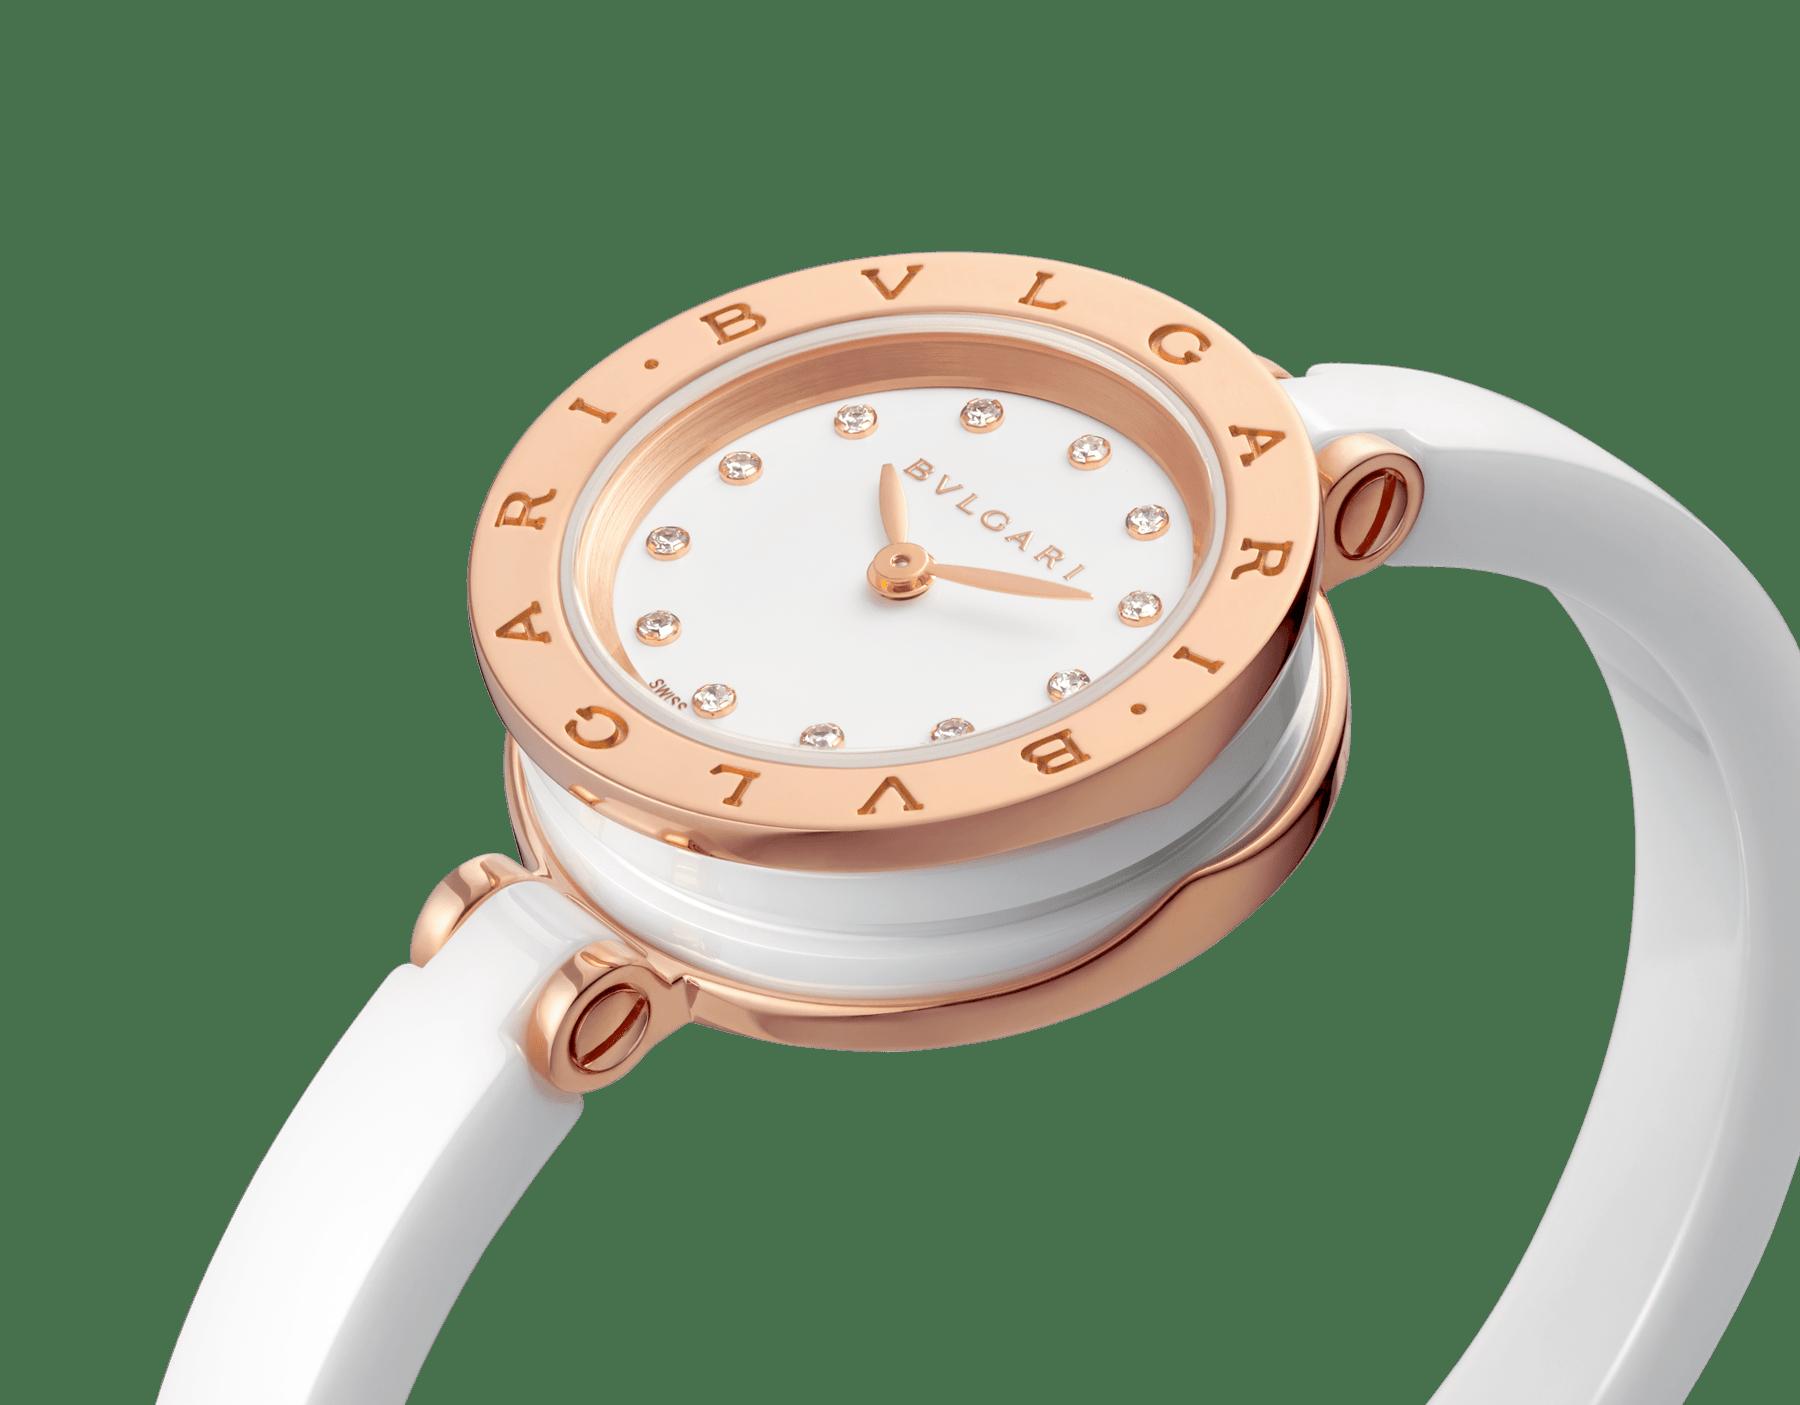 Montre B.zero1 avec boîtier en or rose 18K et acier inoxydable, bracelet jonc et spirale en céramique blanche, cadran laqué blanc et index sertis de diamants. Moyen modèle B01watch-white-white-dial3 image 6